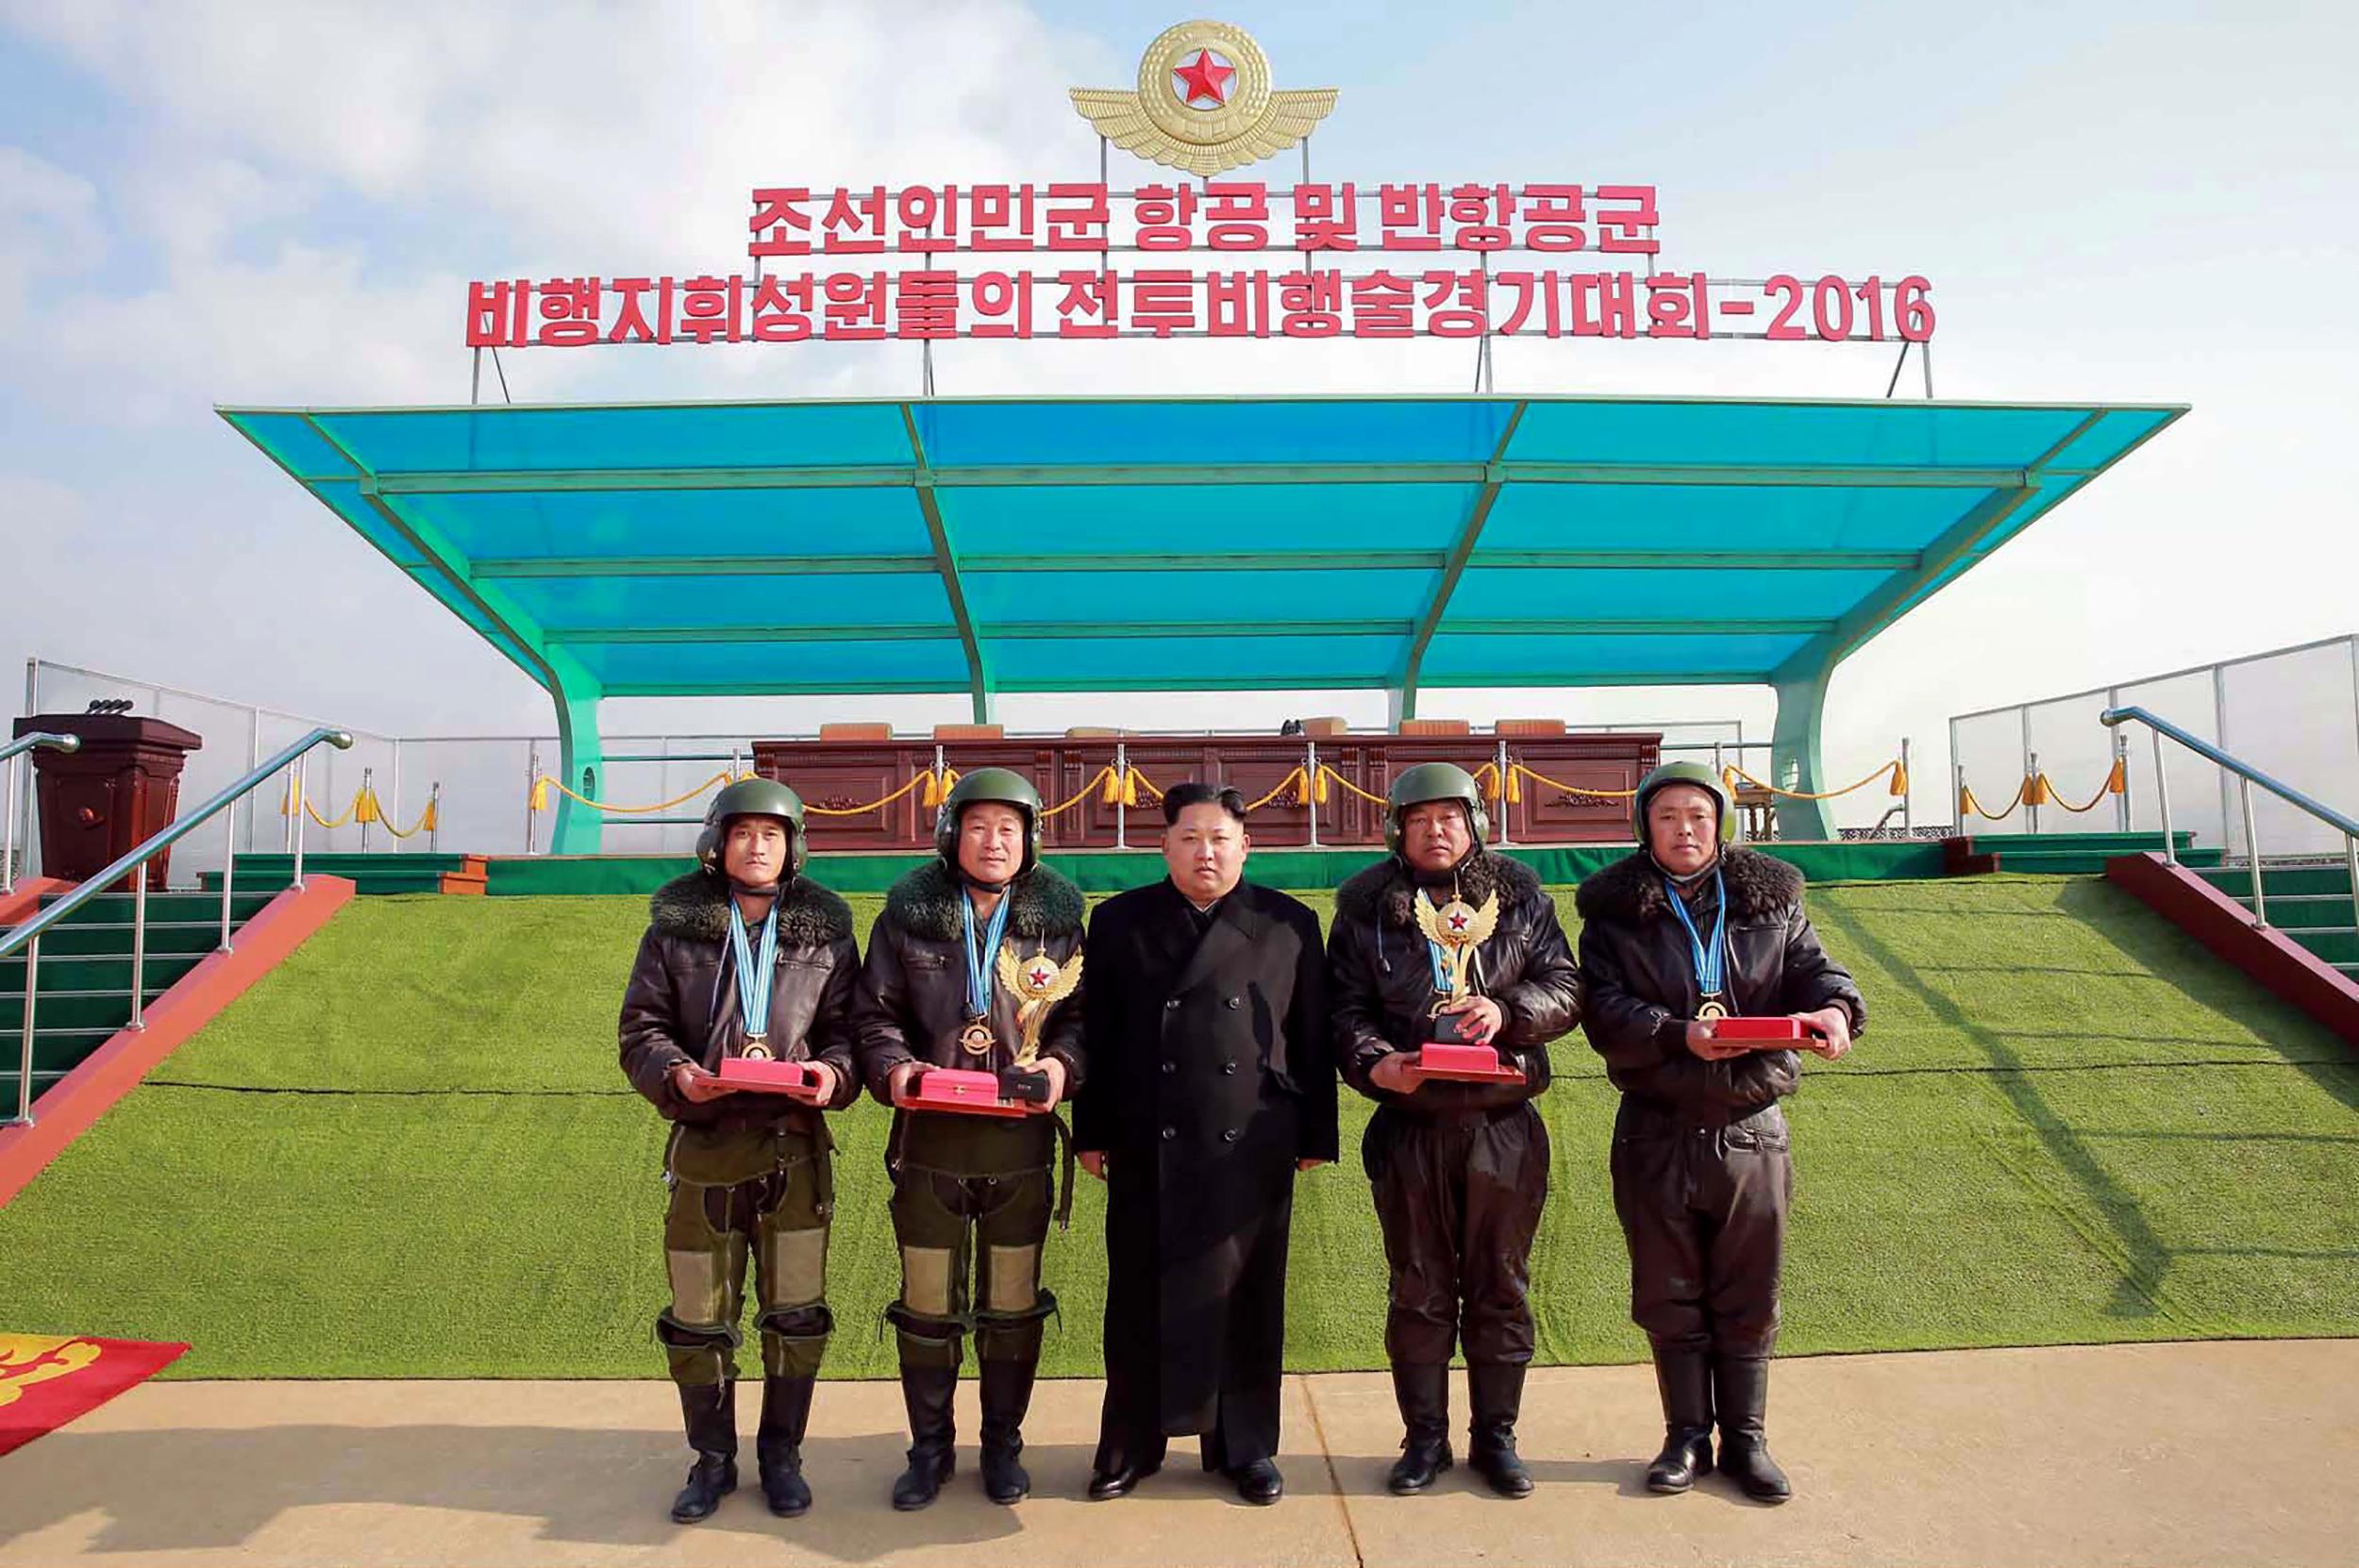 Észak-Korea nem vesz részt az olimpián